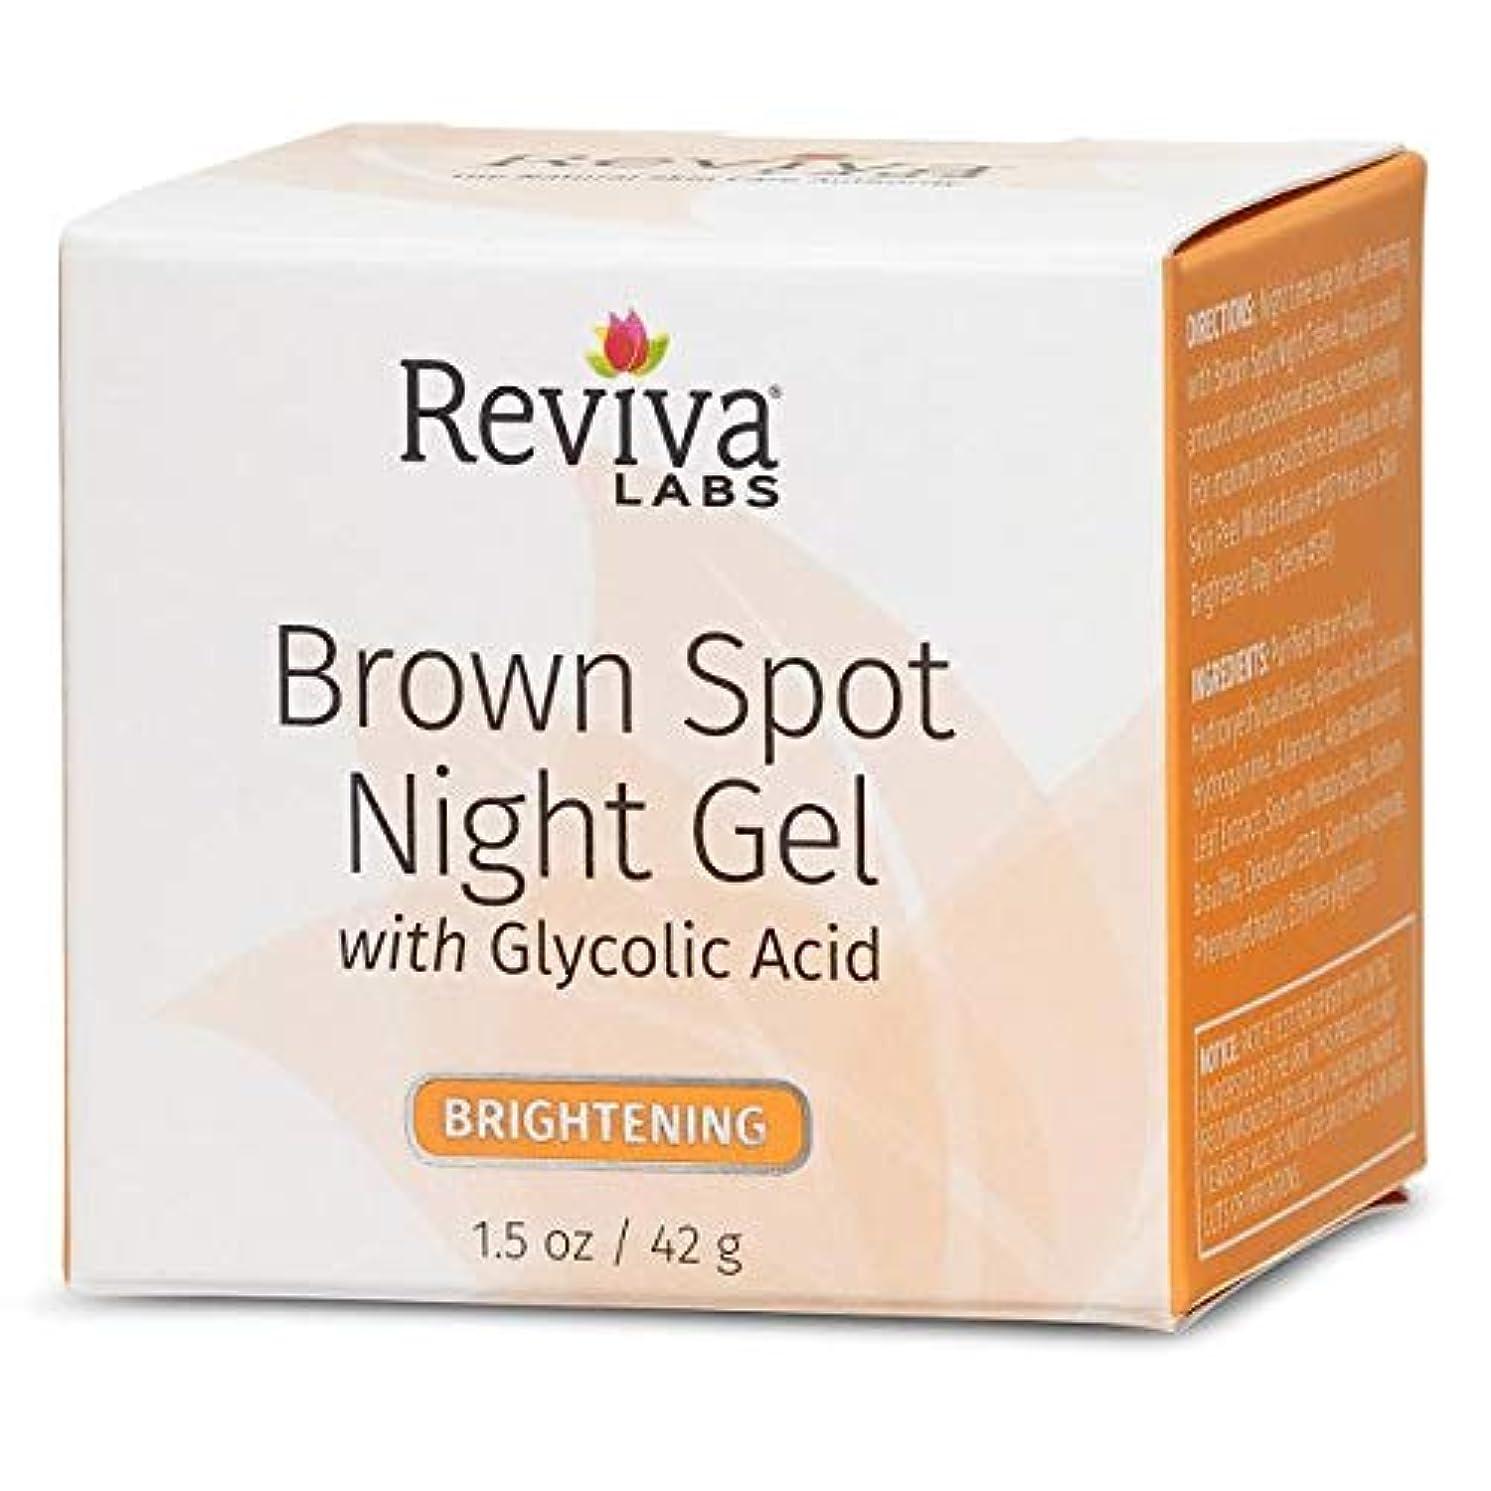 通訳合併症十ブラウンスポット ナイトジェル グリコール酸入り 1.25oz. REVIVA LABS社製 海外直送品